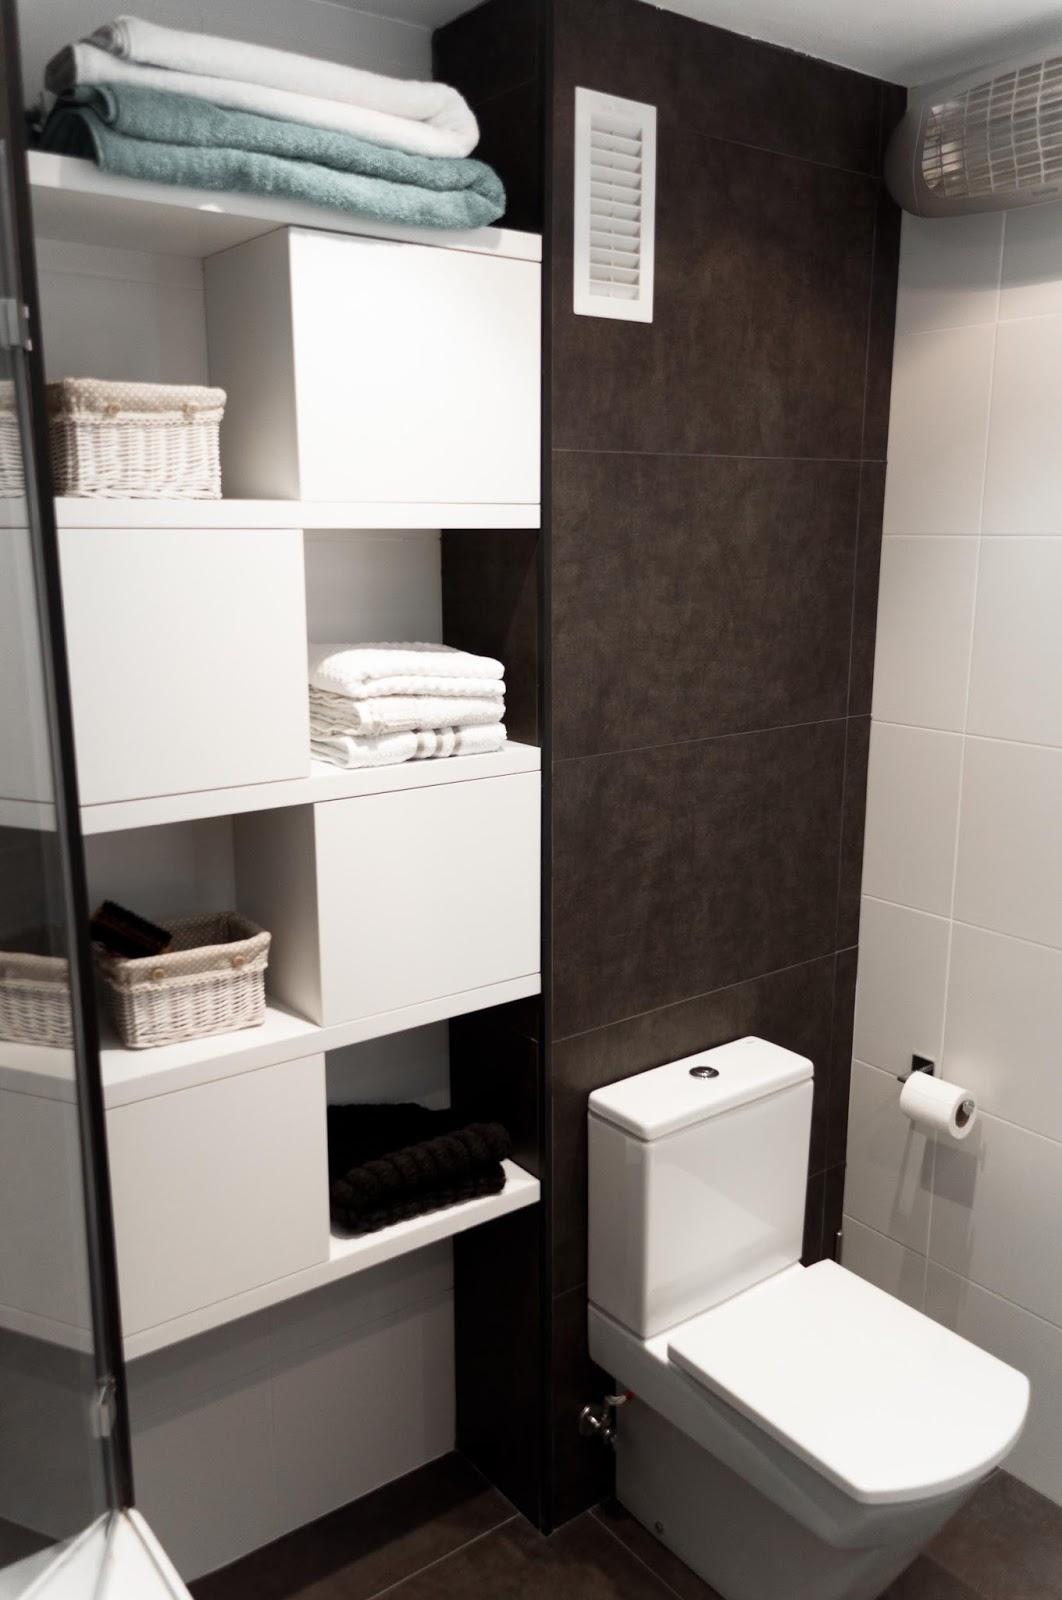 Griferia Baño Vintage:Otras intervenciones que se han hecho en elapartamento son el lavadero